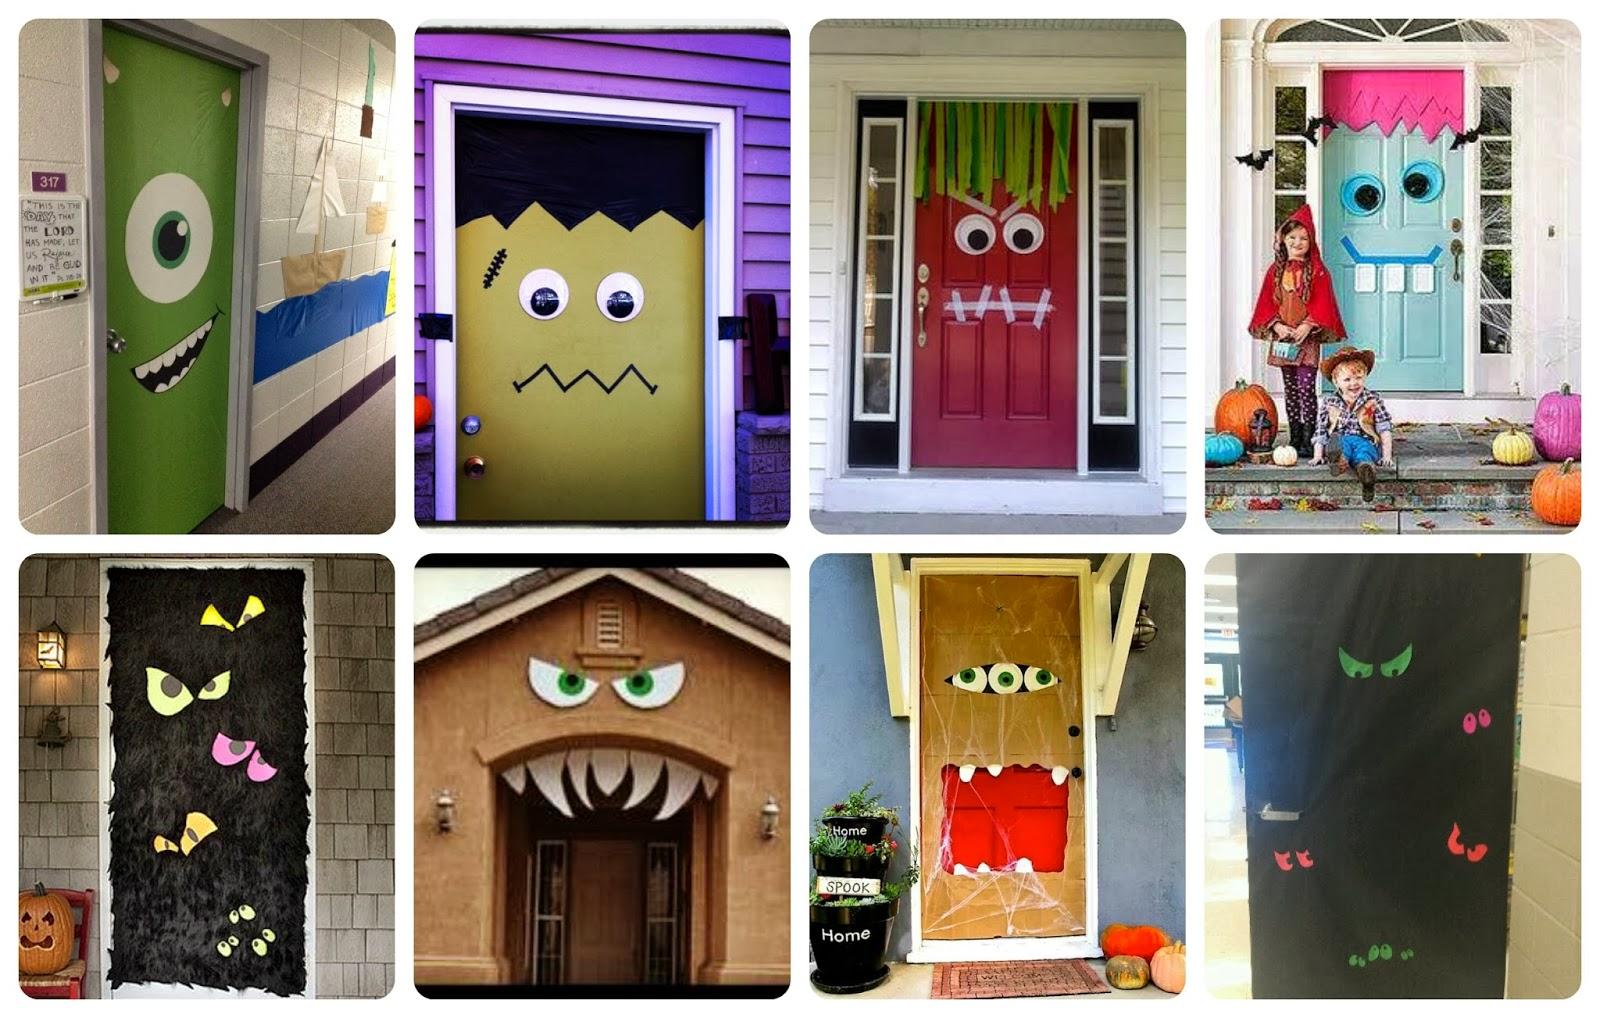 Halloween puertas 18 imagenes educativas for Puertas decoradas halloween calabaza